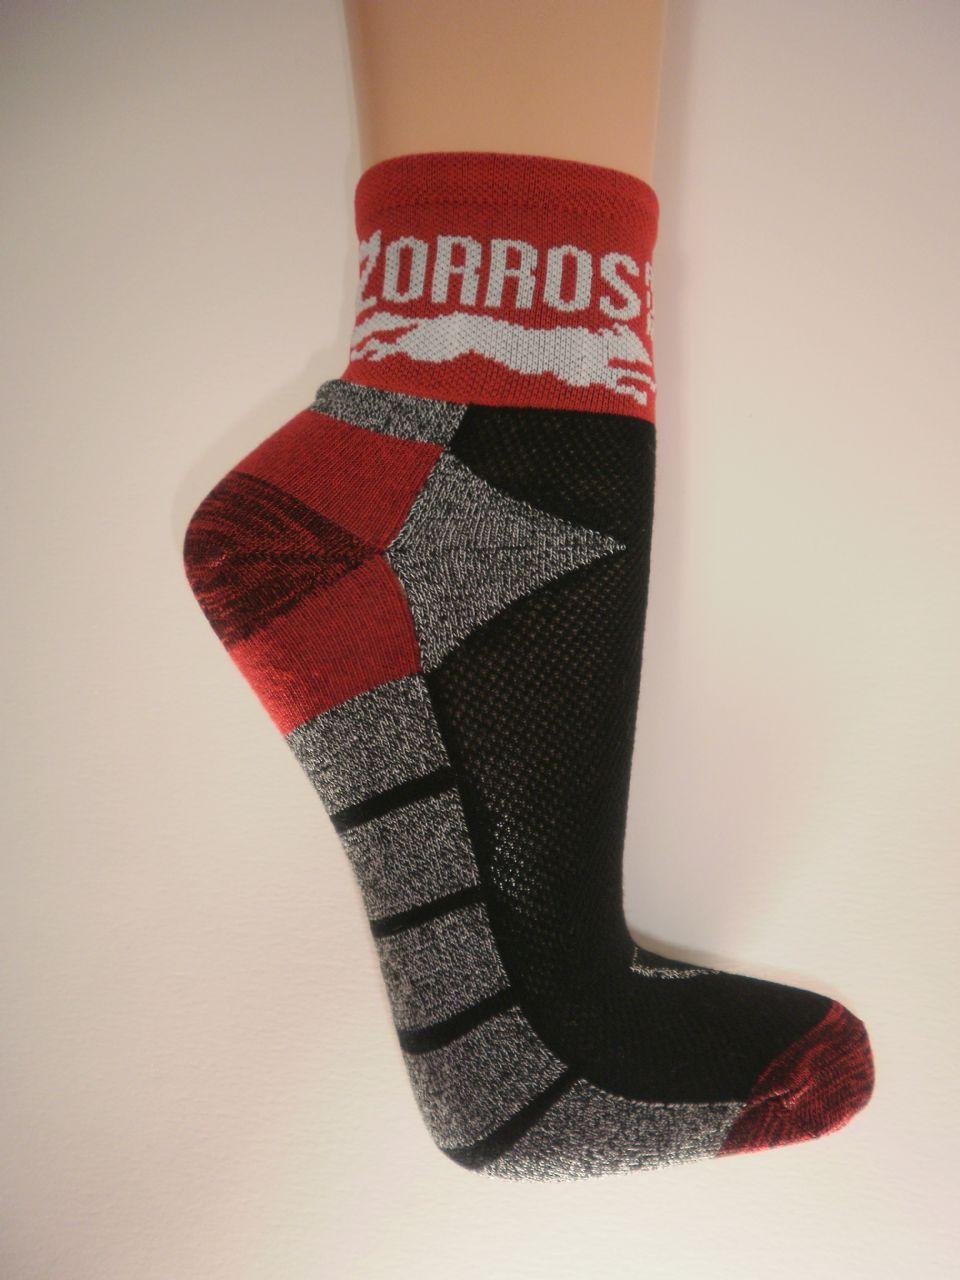 Calcetines personalizados zorros calcetines - Calcetines de navidad personalizados ...